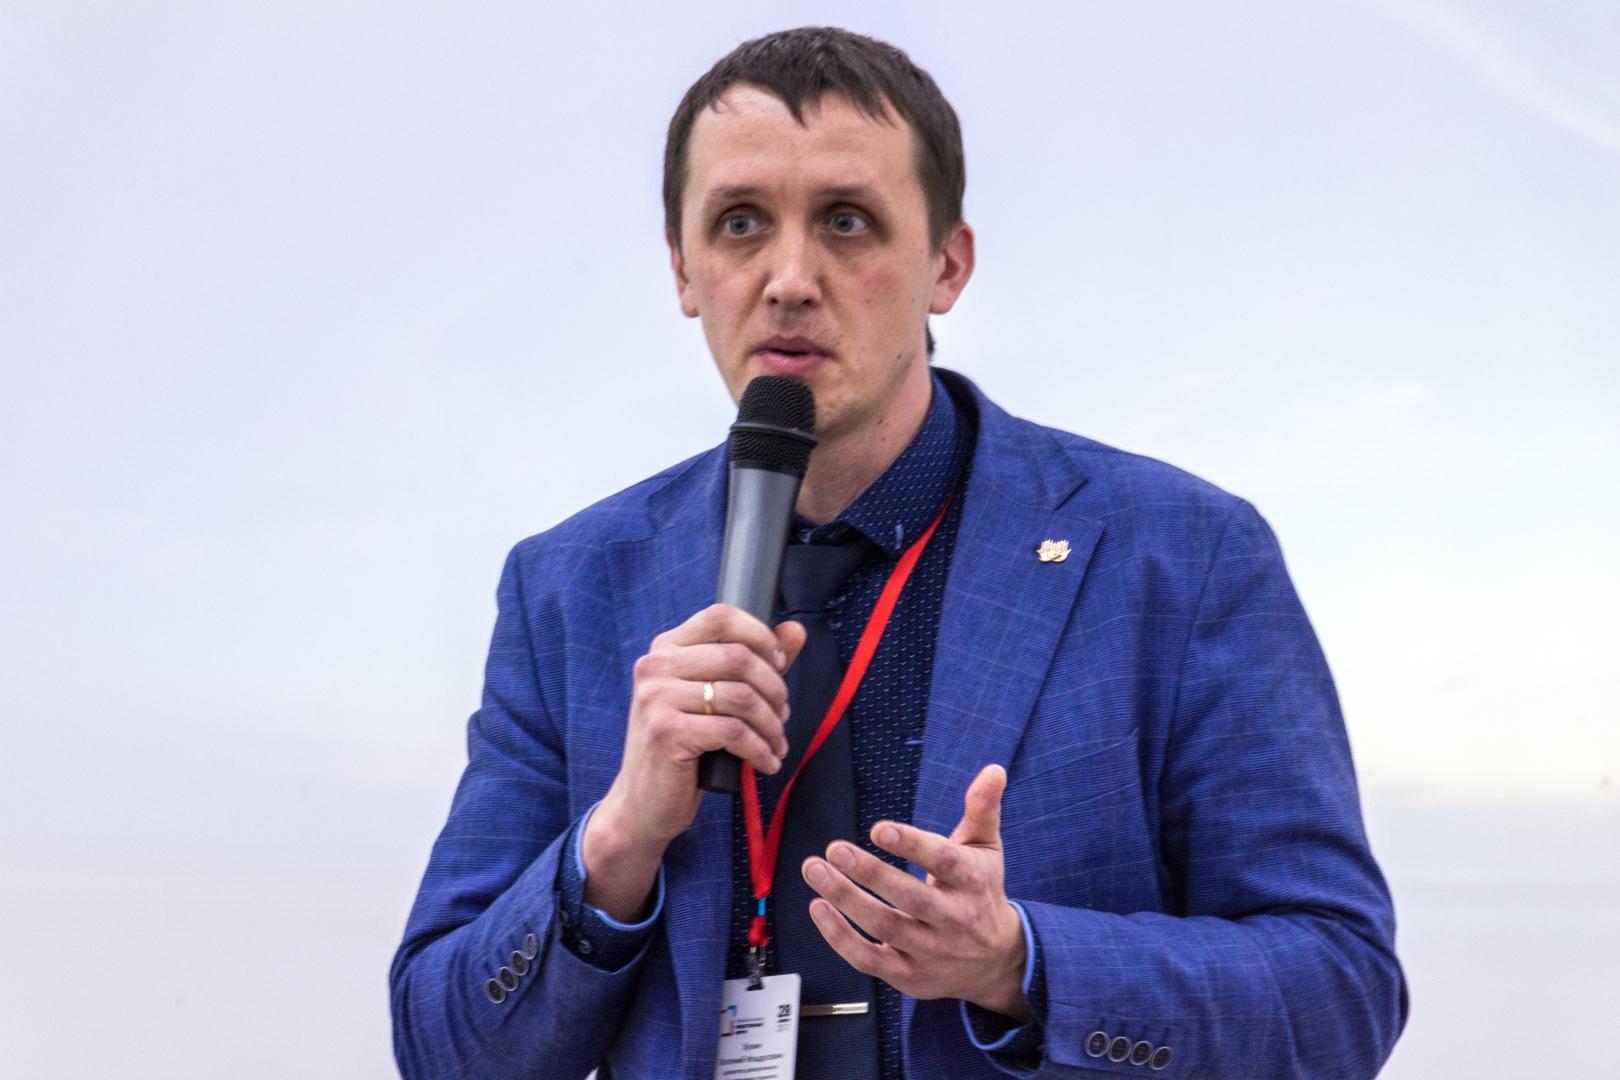 Е.И. Хузин, директор департамента общественных проектов администрации губернатора Пермского края. Пермь. 28.11.2017